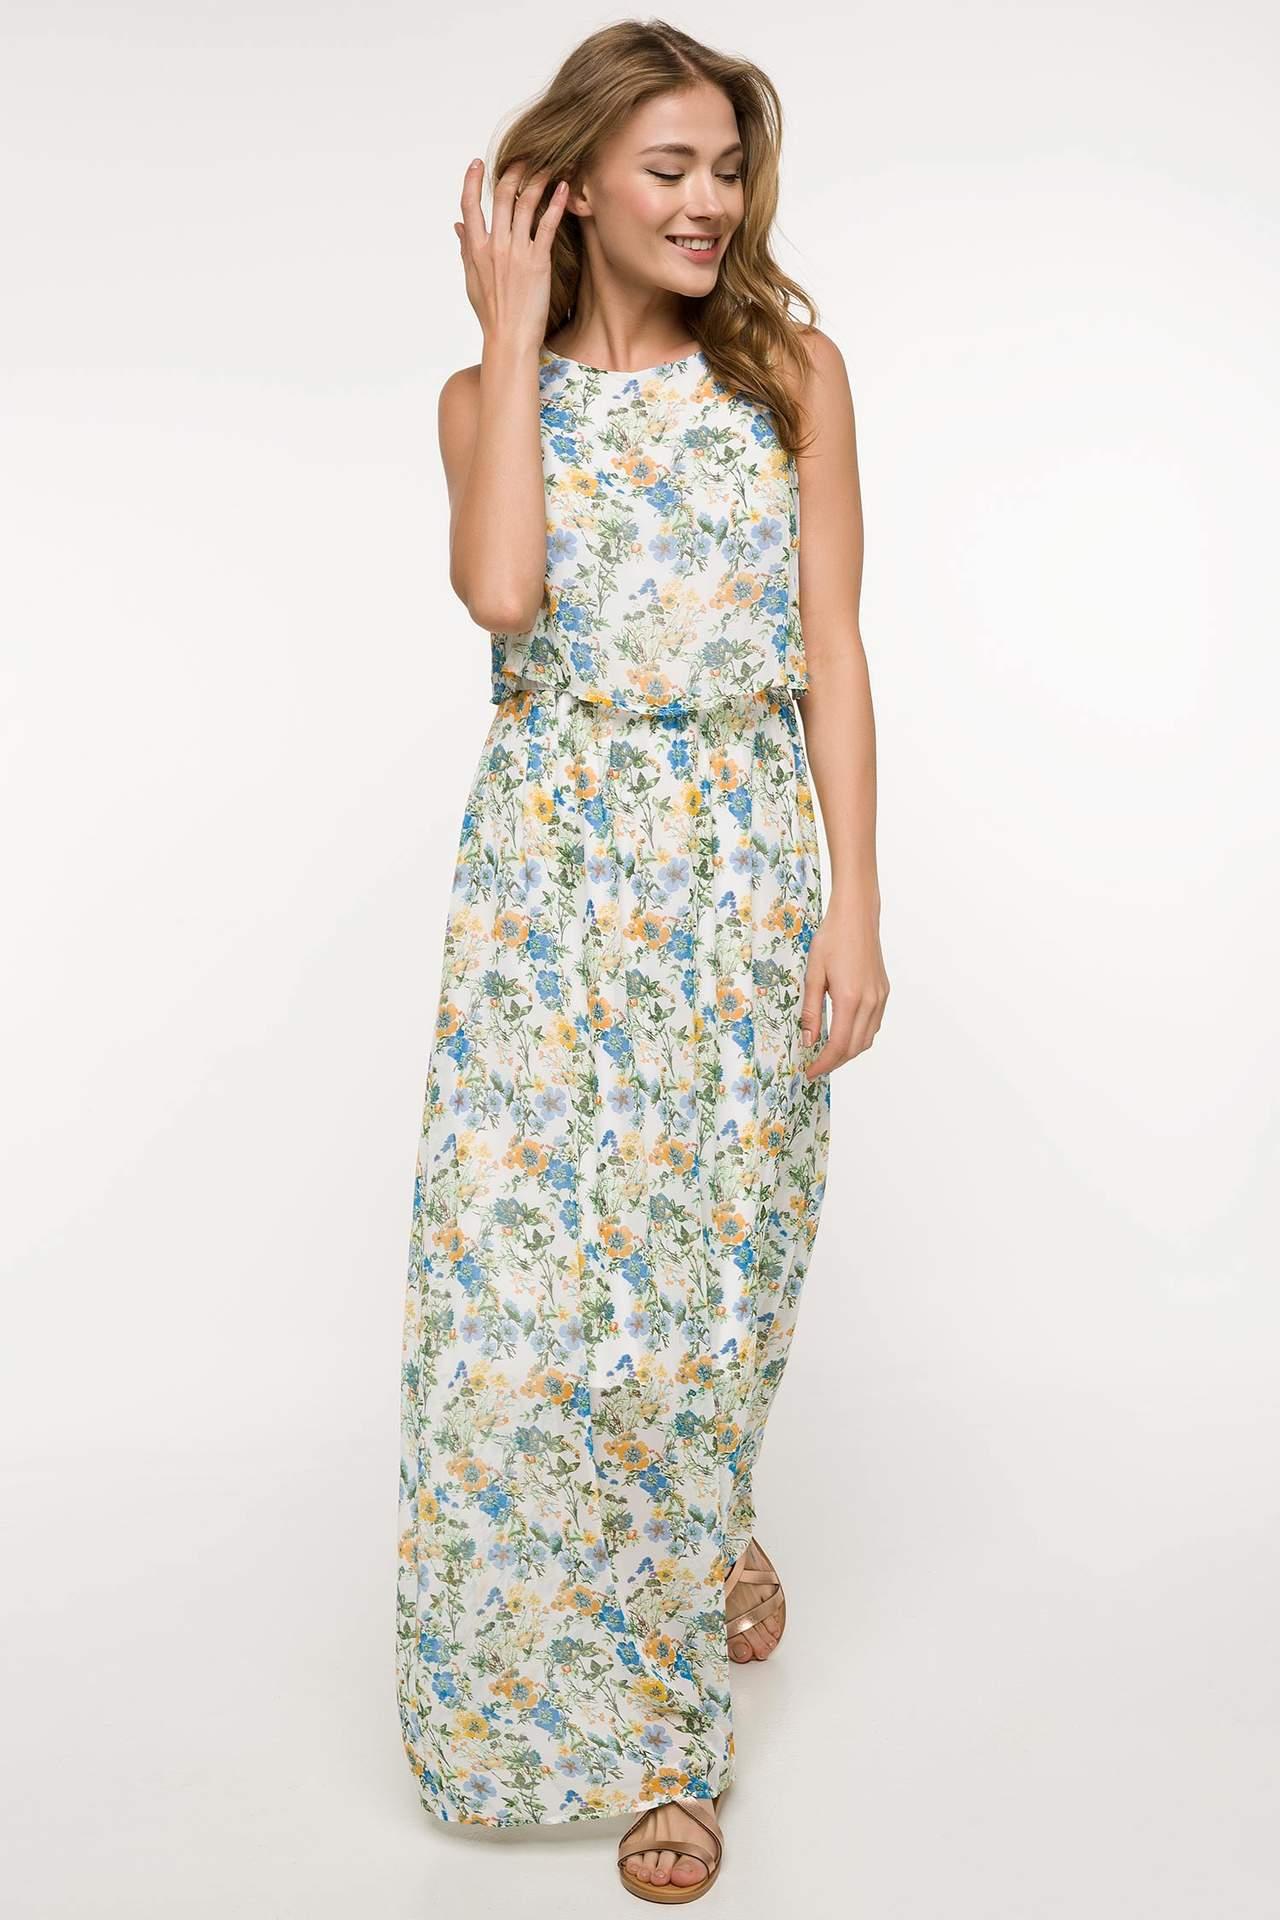 خريد اينترنتي لباس | فروشگاه اينترنتي لباس